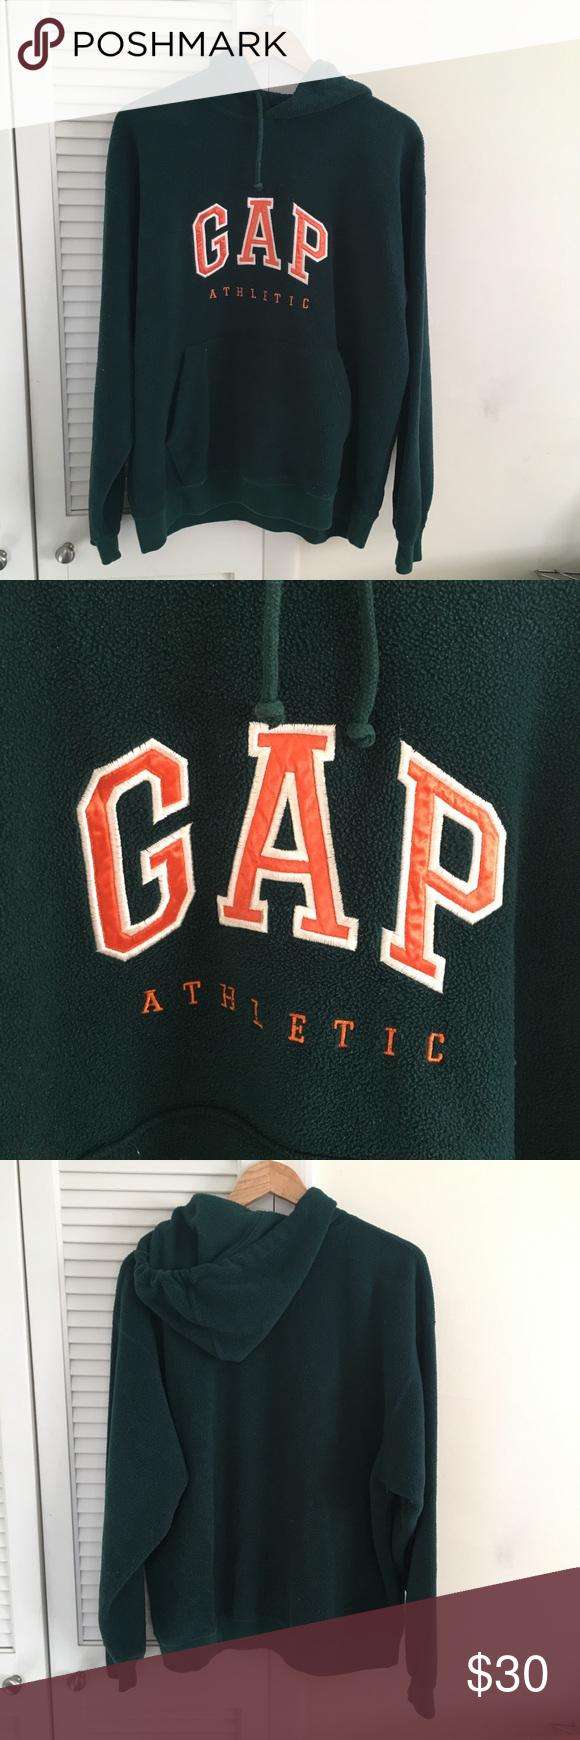 Vintage Vtg Green And Orange Gap Crewneck Hoodie Clothes Design Hoodies Sweaters Crewneck